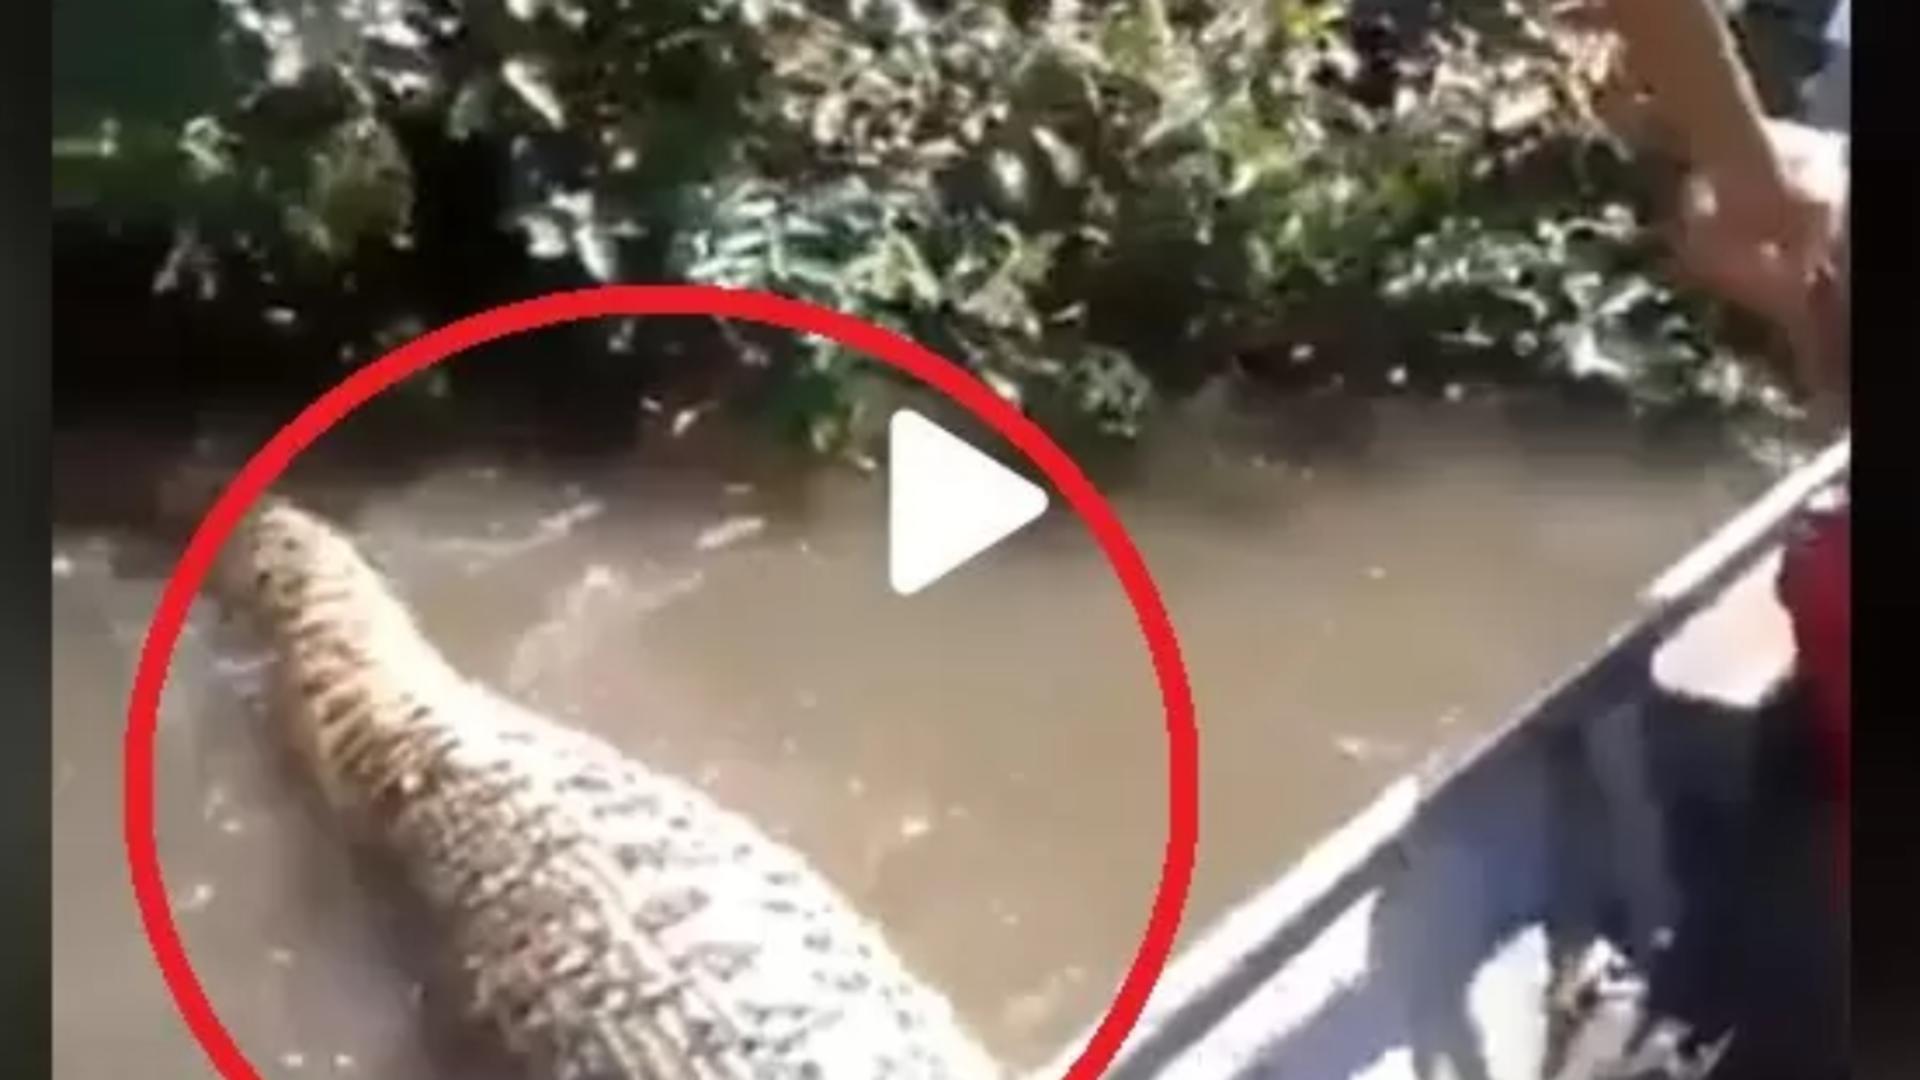 Mergeau cu barca pe râu când a apărut... un monstru uriaș – Puțin a lipsit până la o tragedie